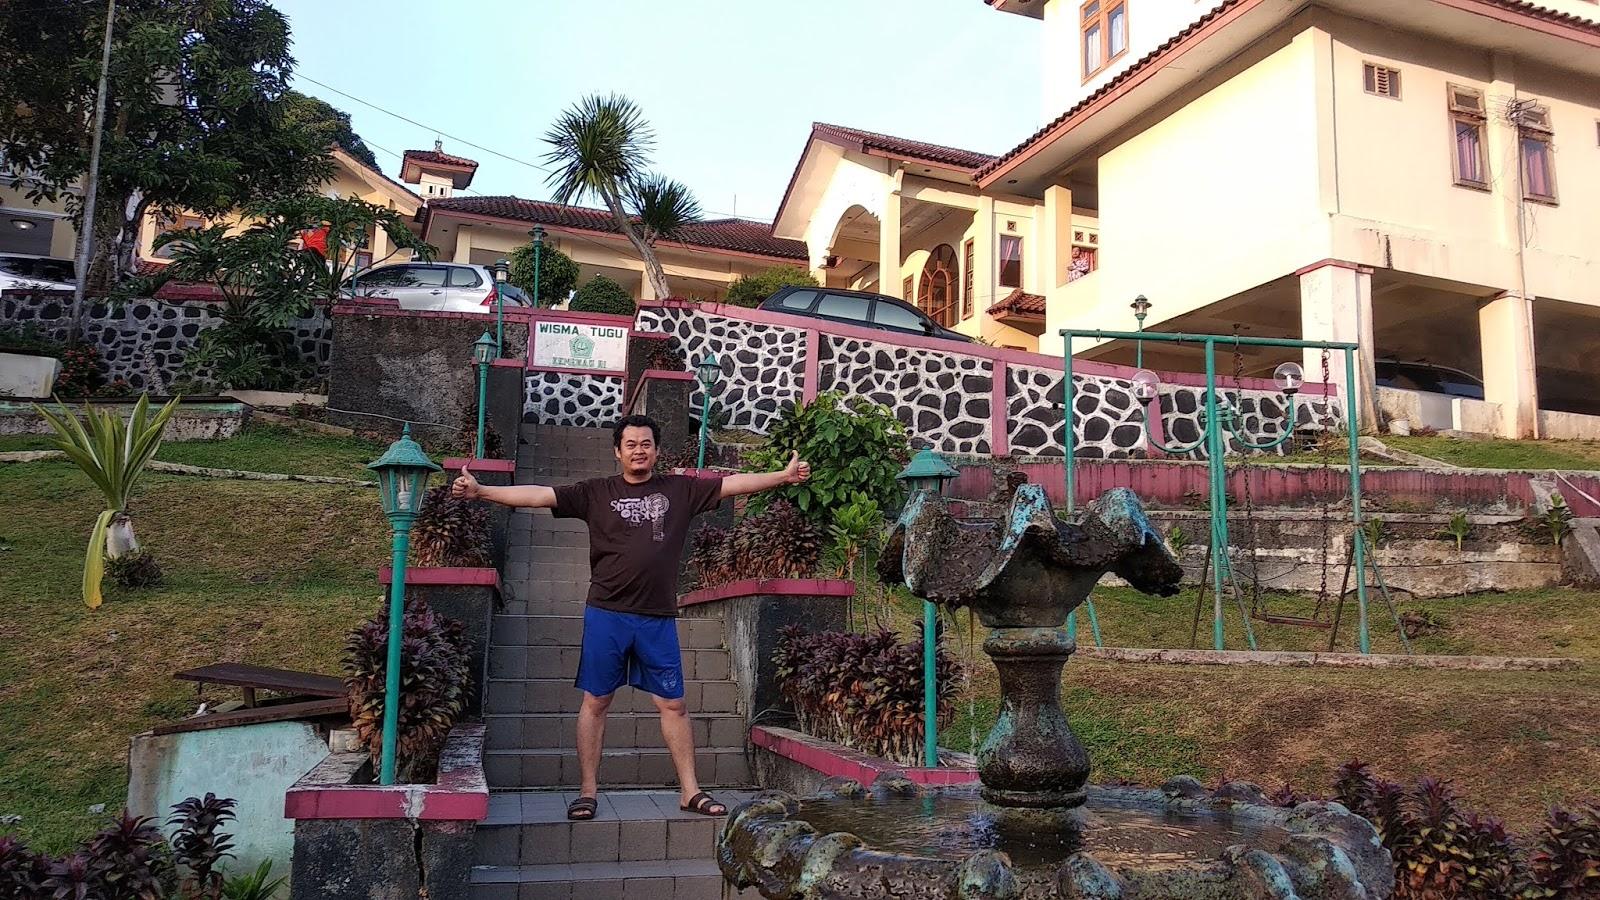 Villa Murah di Puncak untuk Liburan Anda - ngOTeWe.com